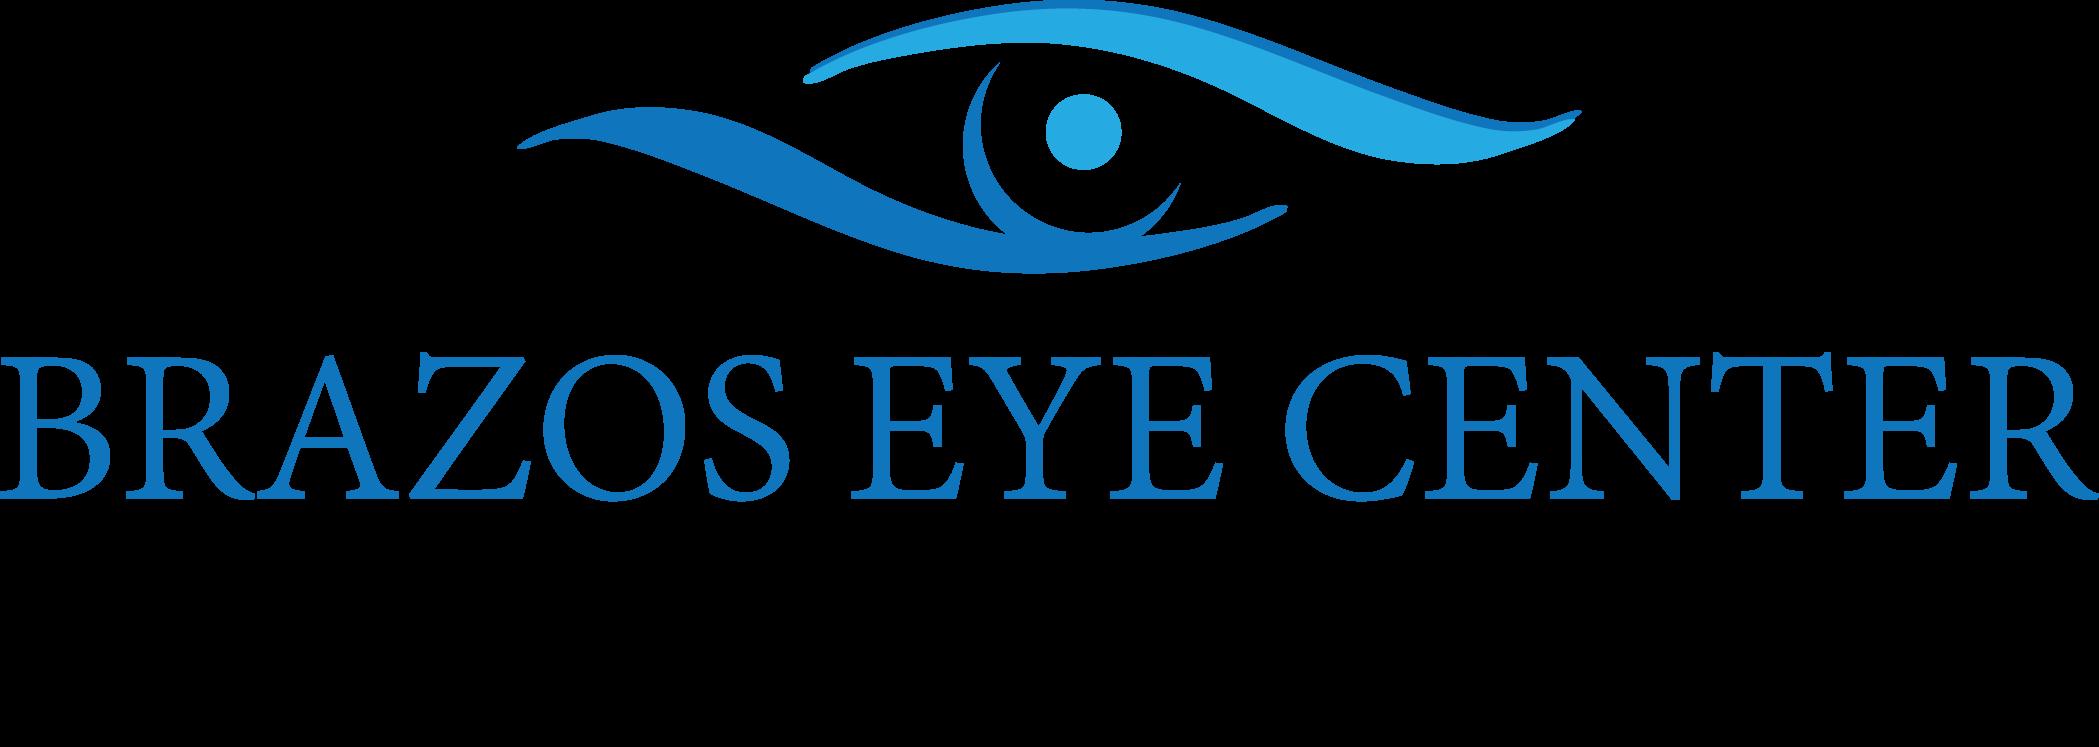 Brazos Eye Center Logo